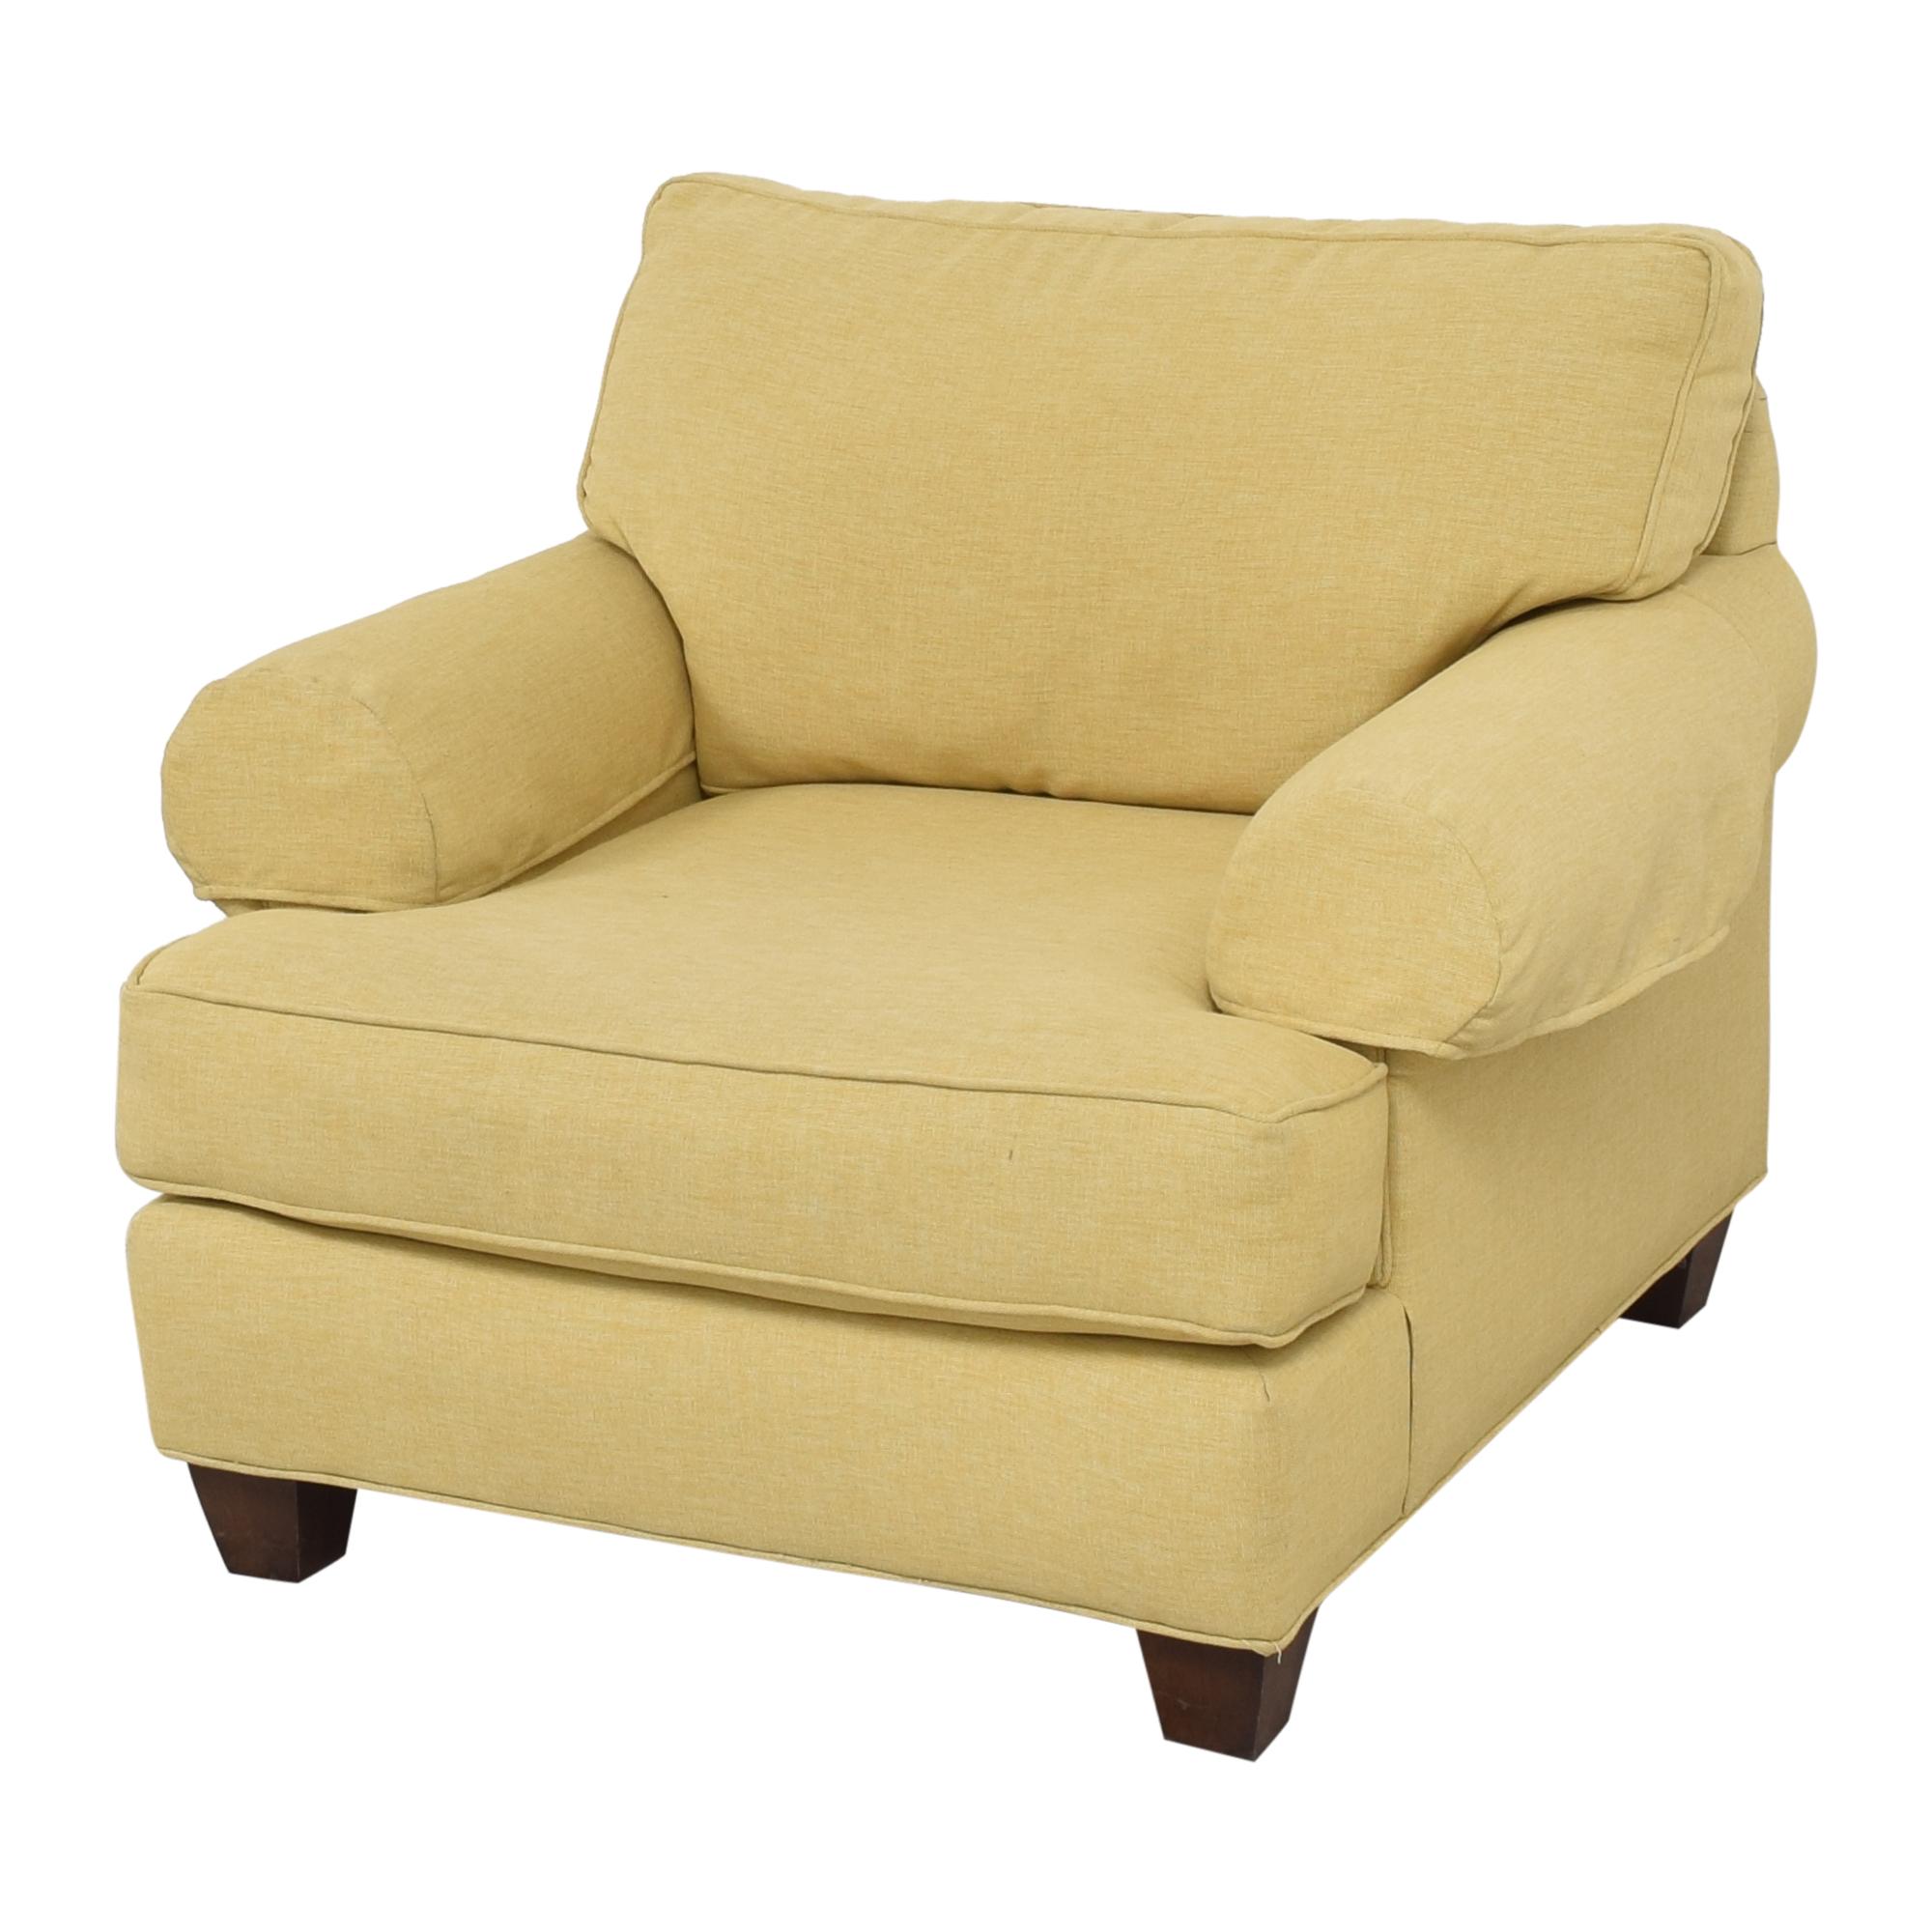 Craftmaster Furniture Craftmaster Furniture Townhouse Armchair nj